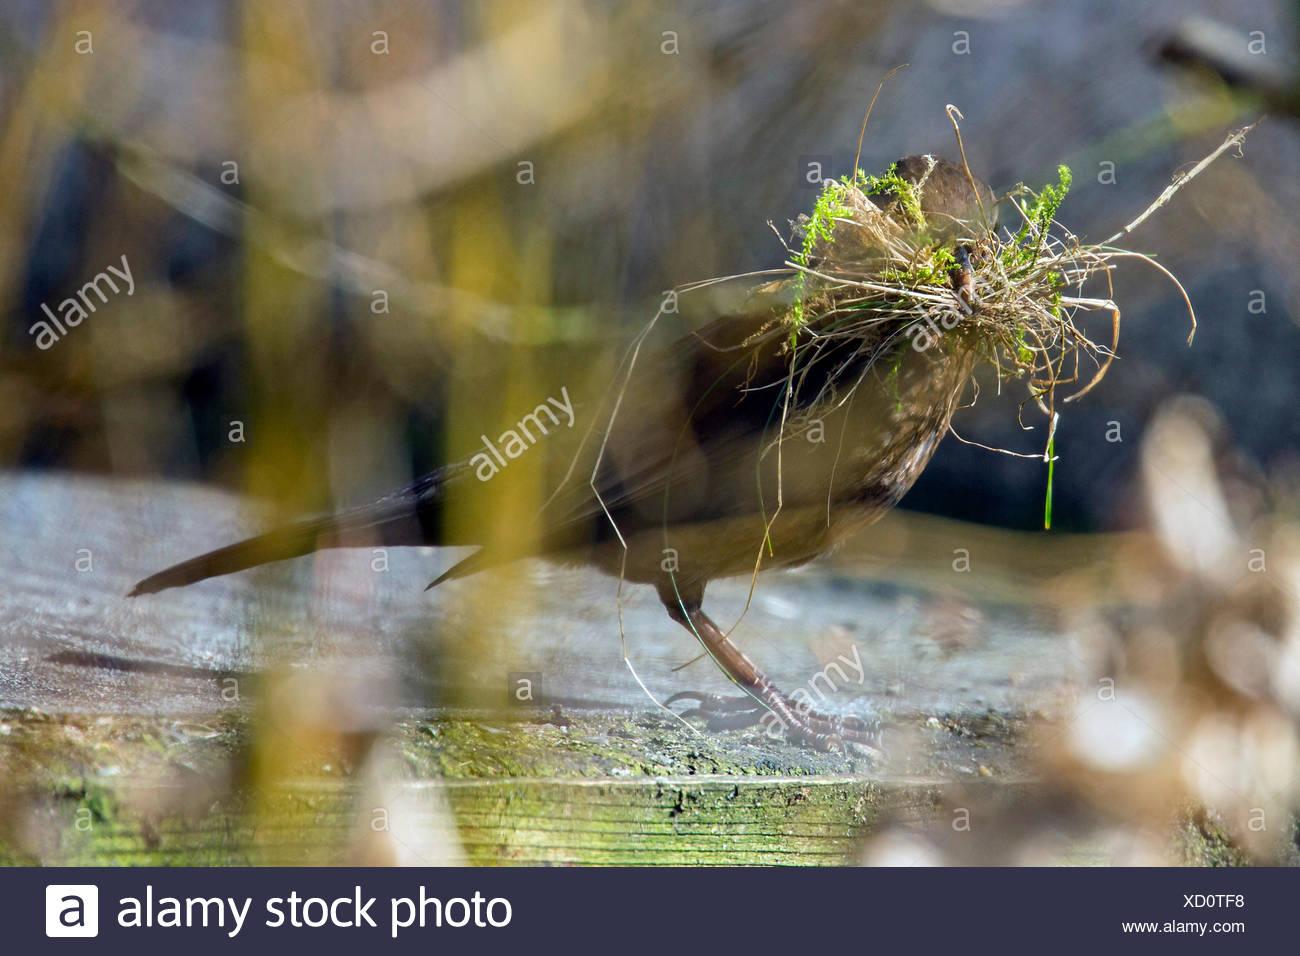 Amsel, Schwarzdrossel (Turdus merula), Weibchen sammelt Nistmaterial, Deutschland, Bayern, Niederbayern | blackbird (Turdus meru - Stock Image